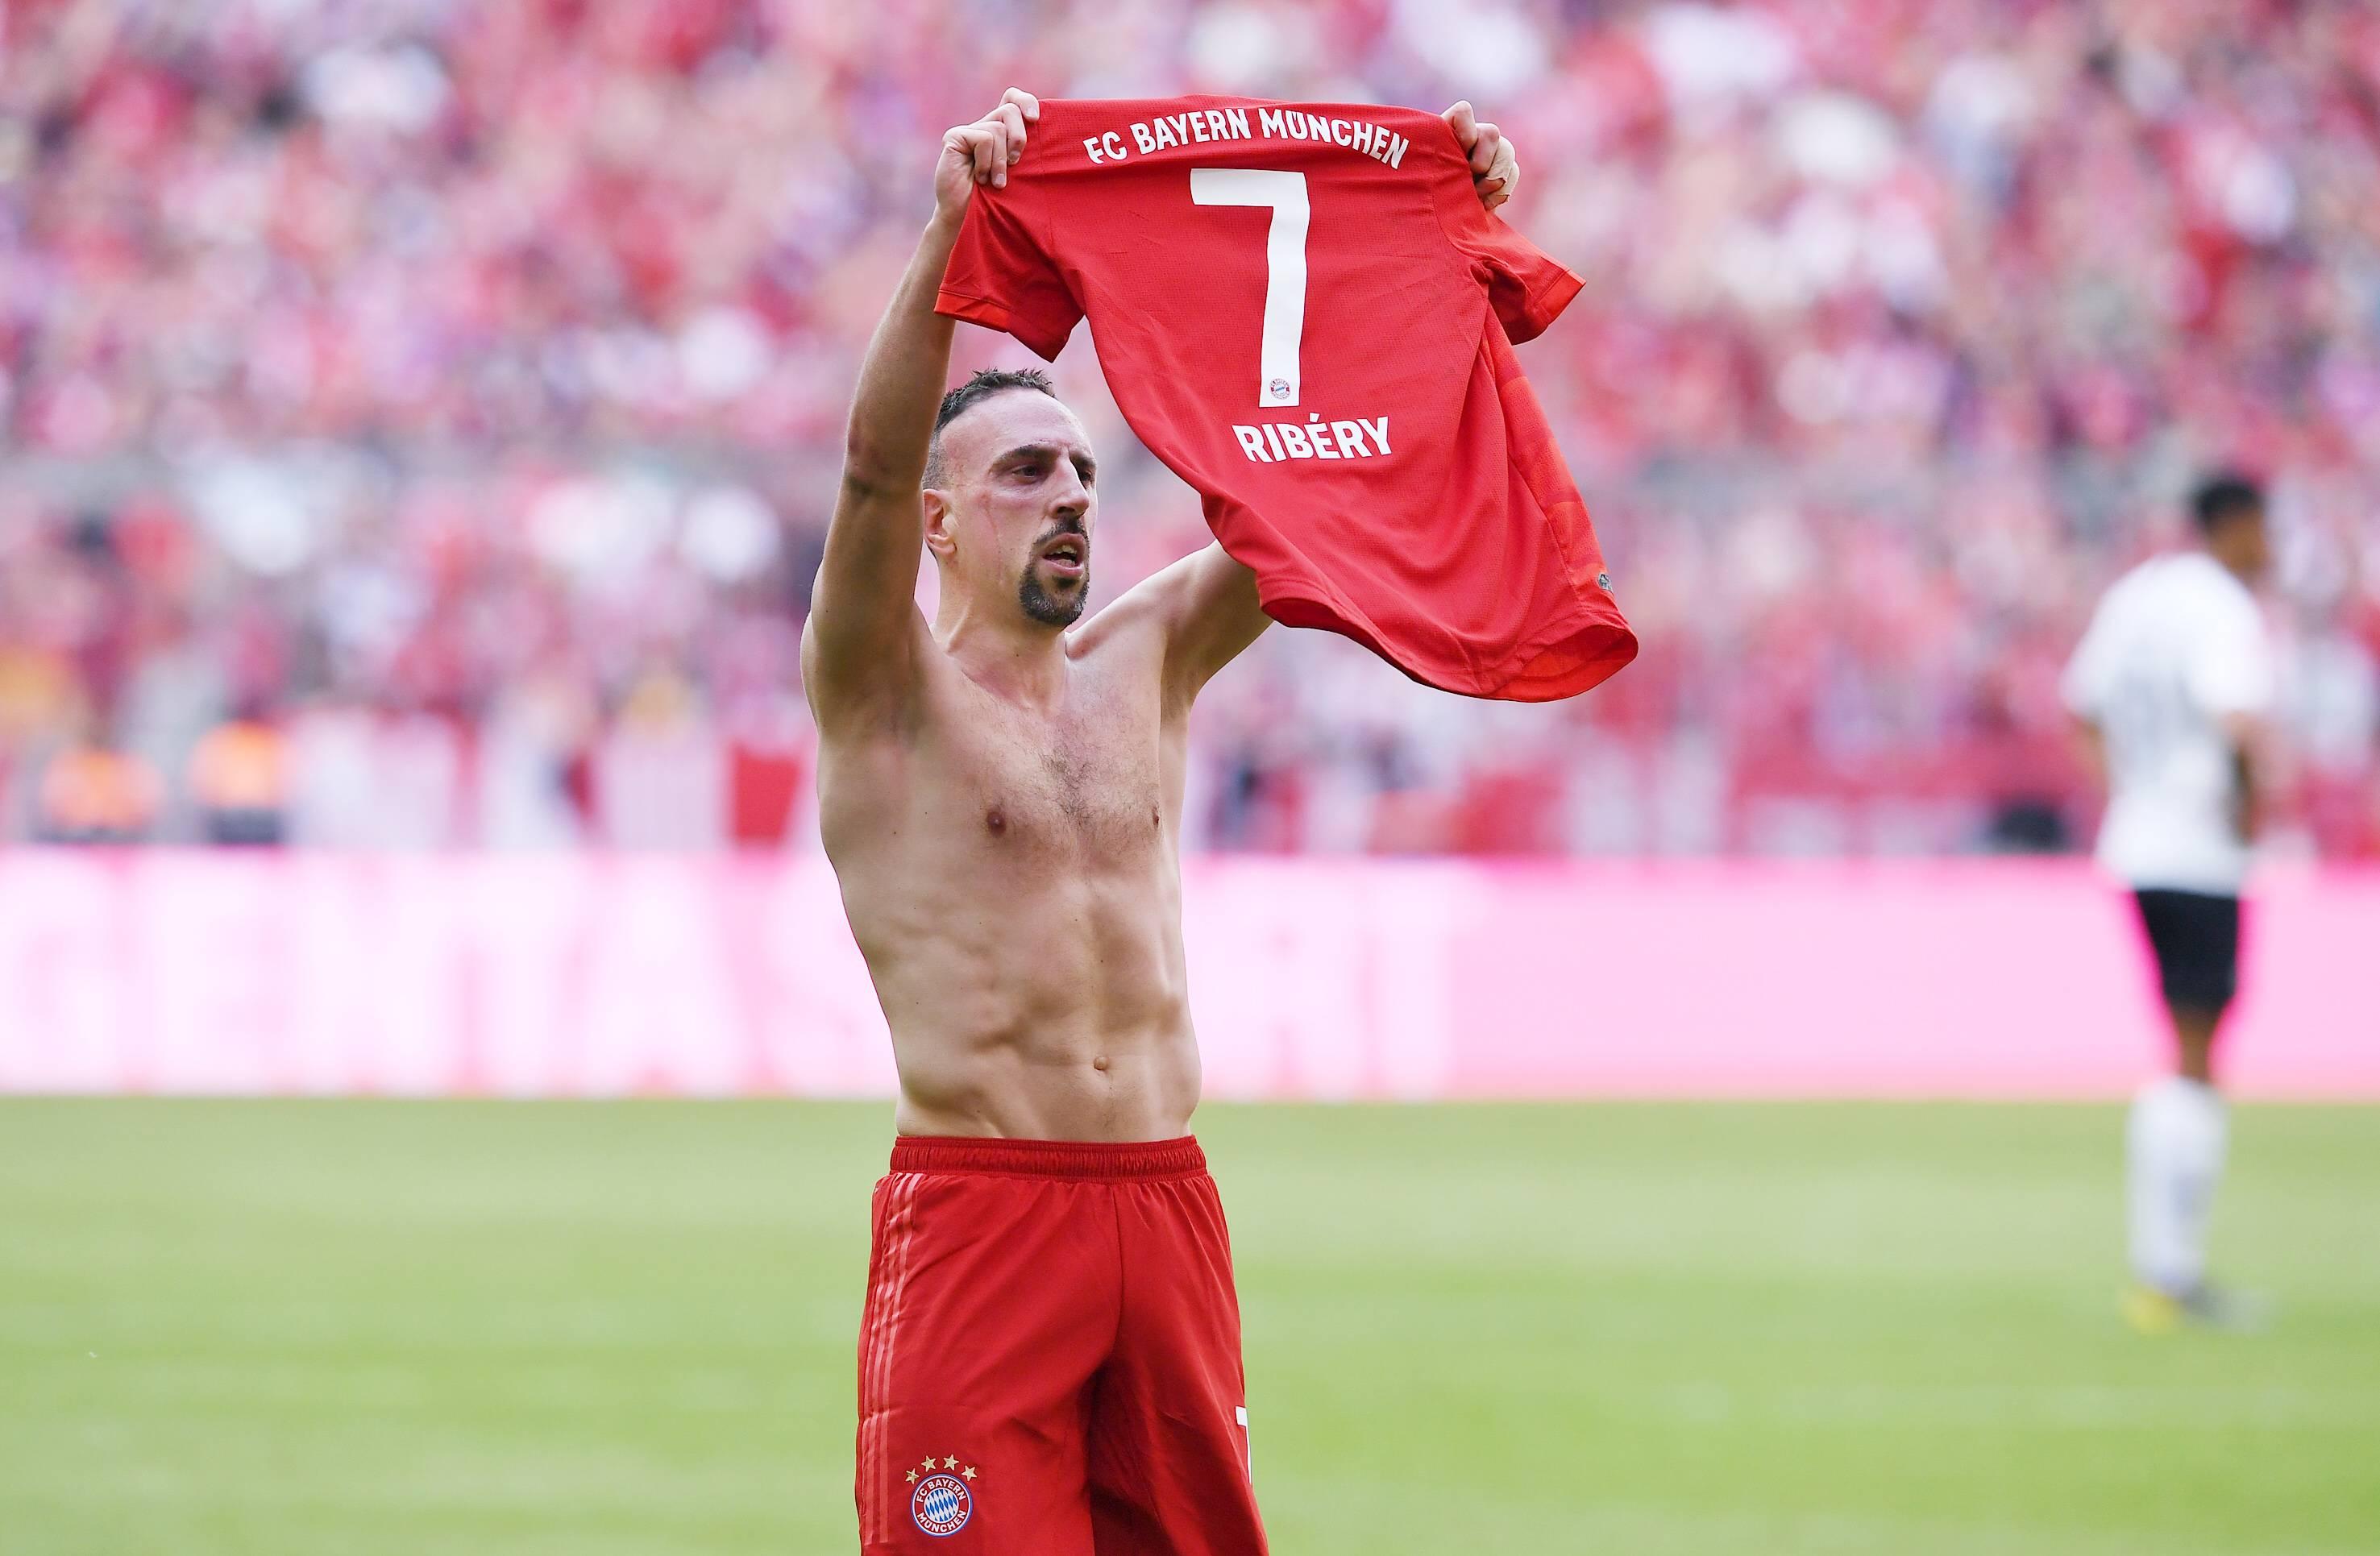 Football - Transferts - Le journal du mercato: «Un retour en France ? Pas du tout» dit Ribéry